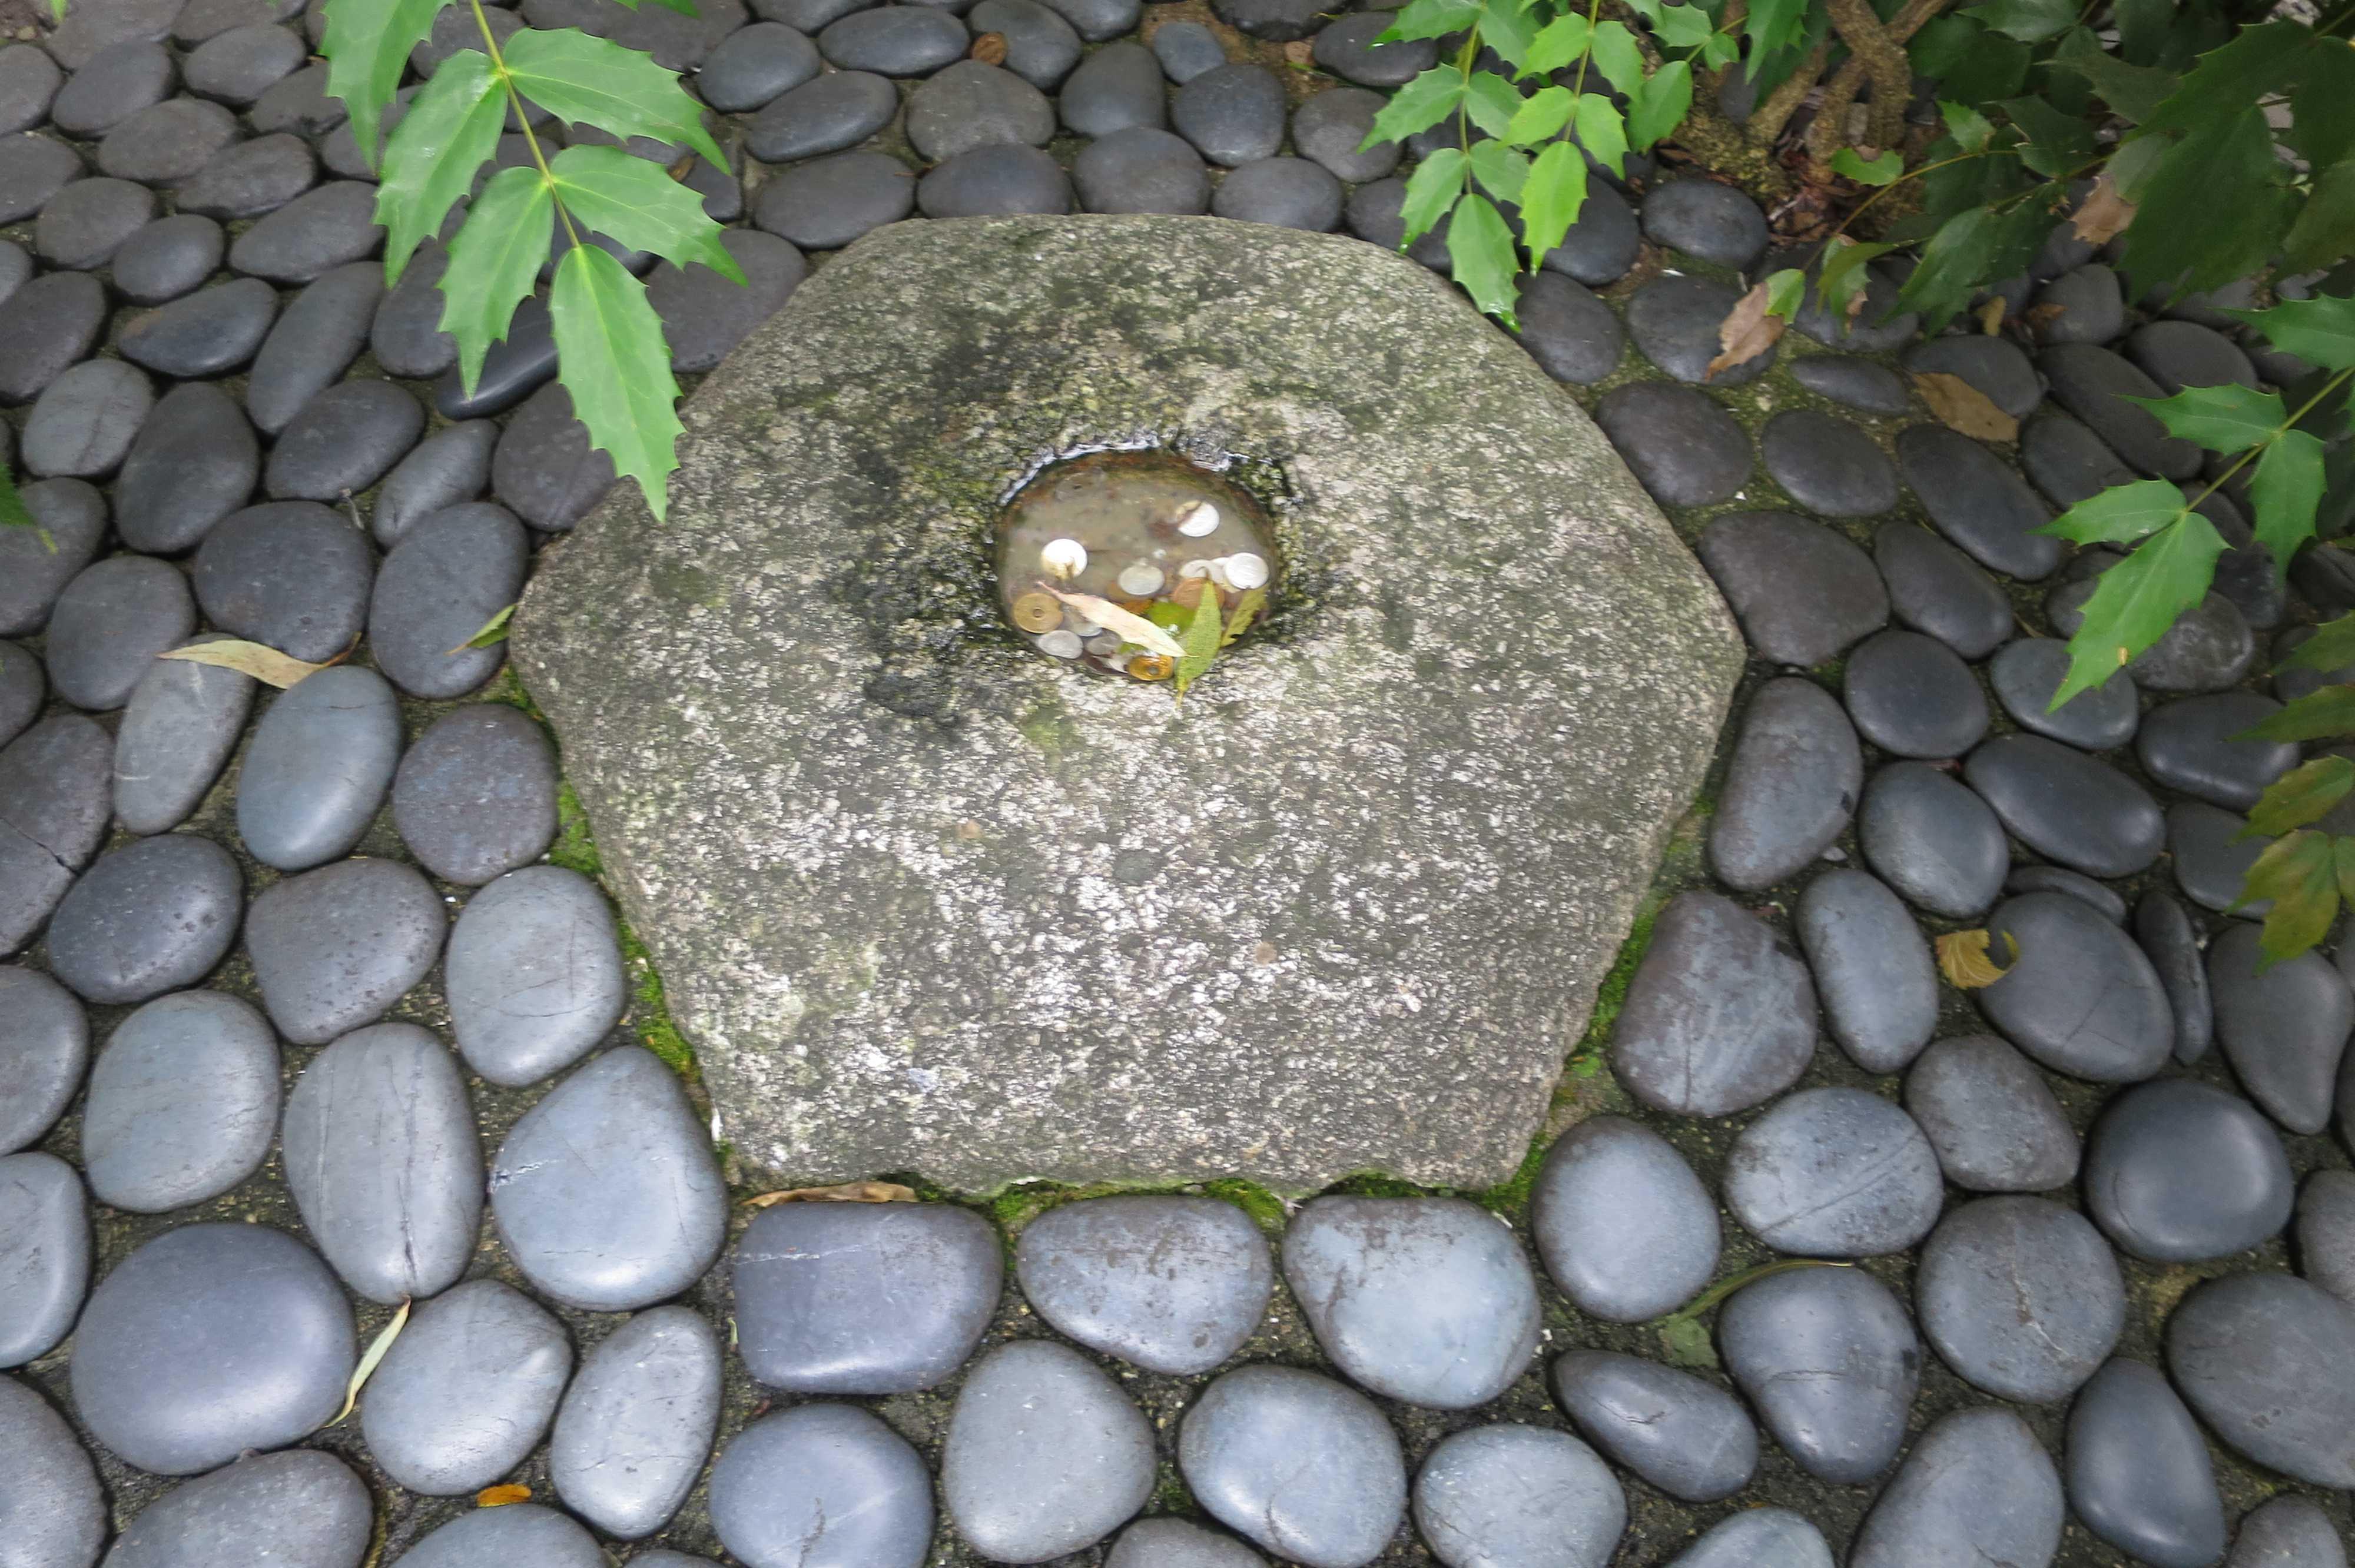 京都・六角堂 - へそ石(本堂古跡の石)